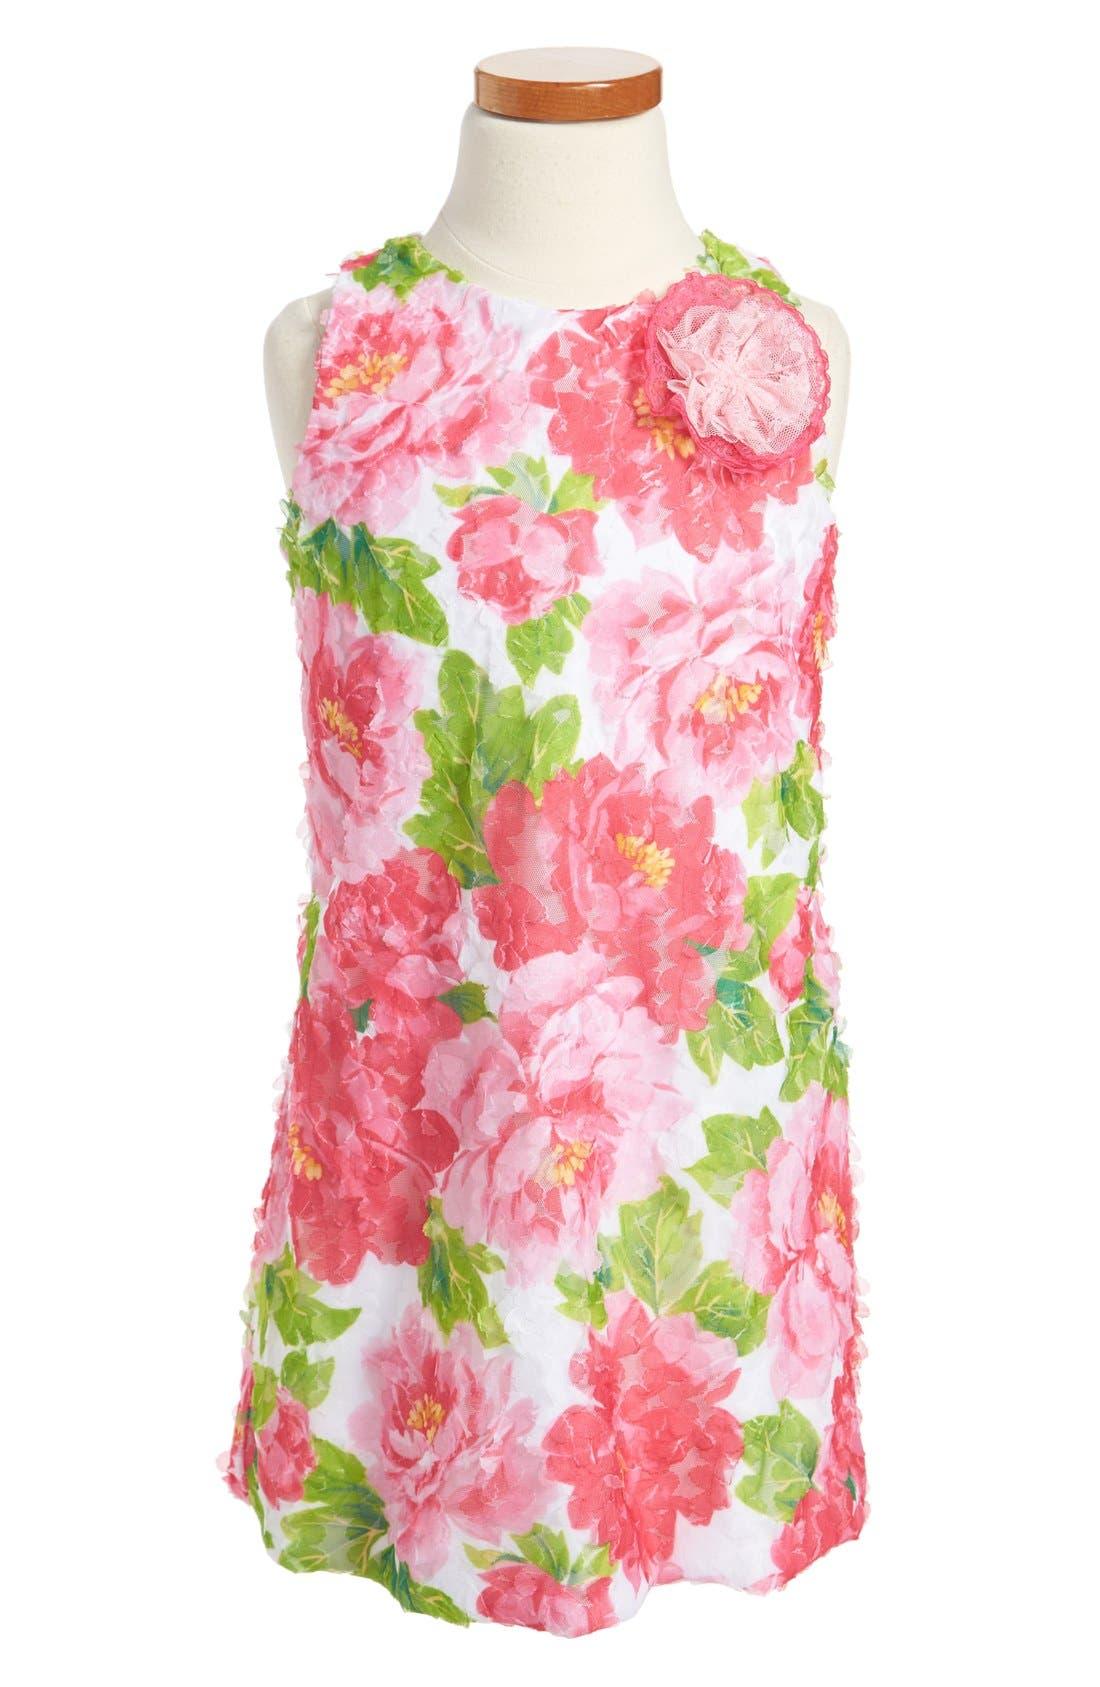 Alternate Image 1 Selected - Pippa & Julie Floral A-Line Dress (Little Girls & Big Girls)